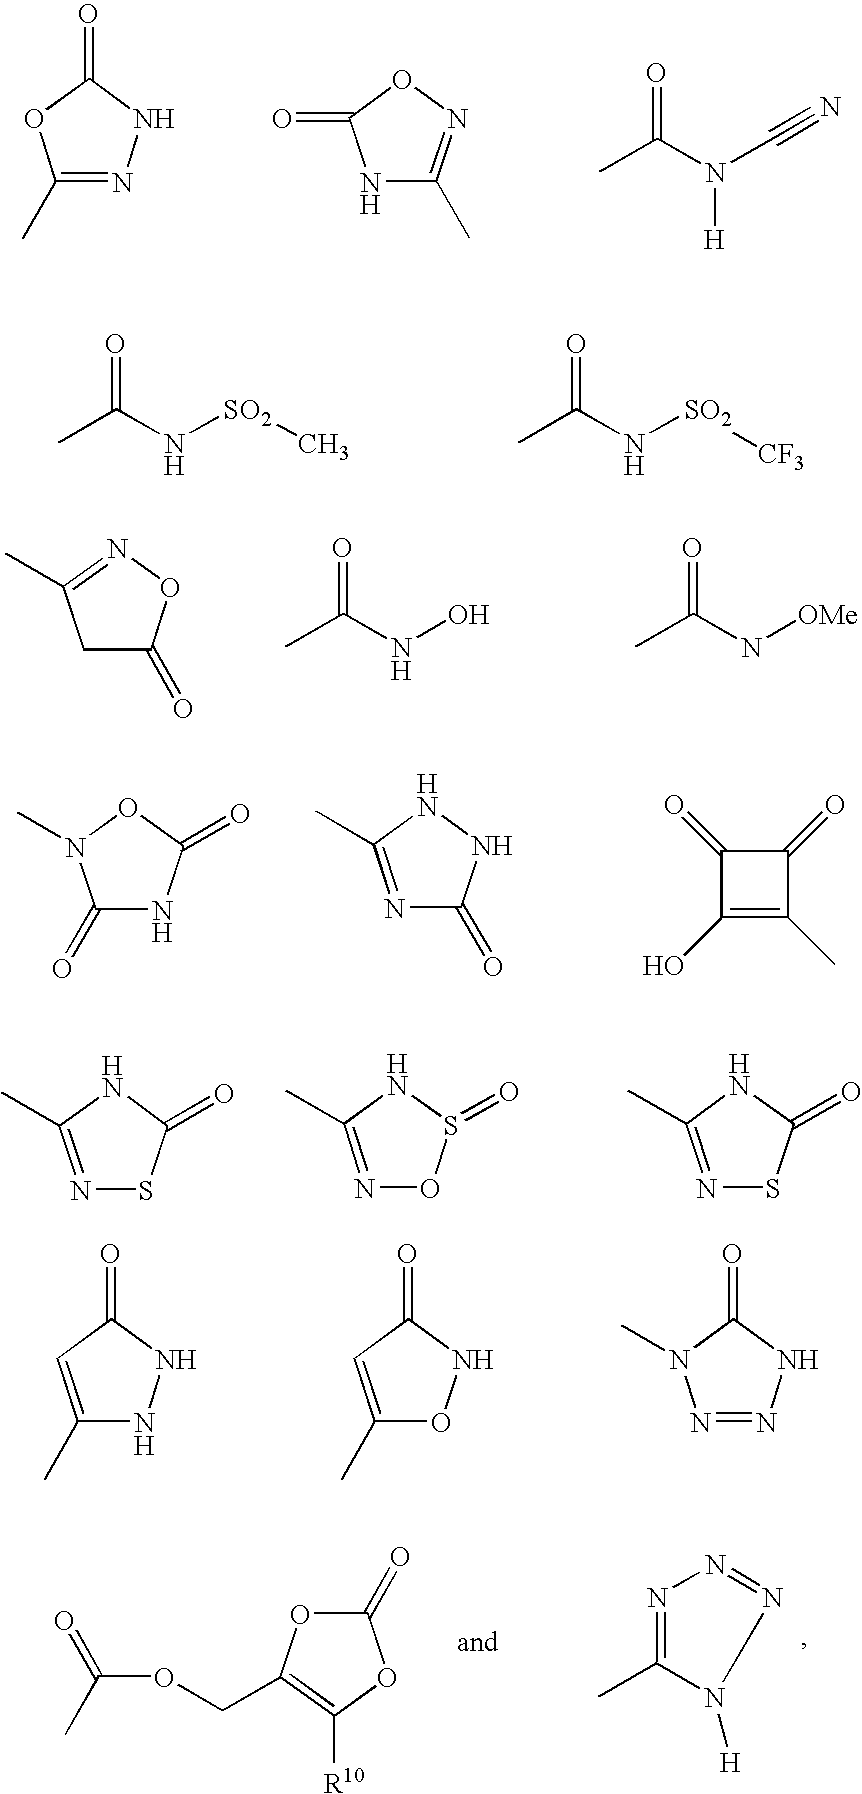 Figure US20050009827A1-20050113-C00044